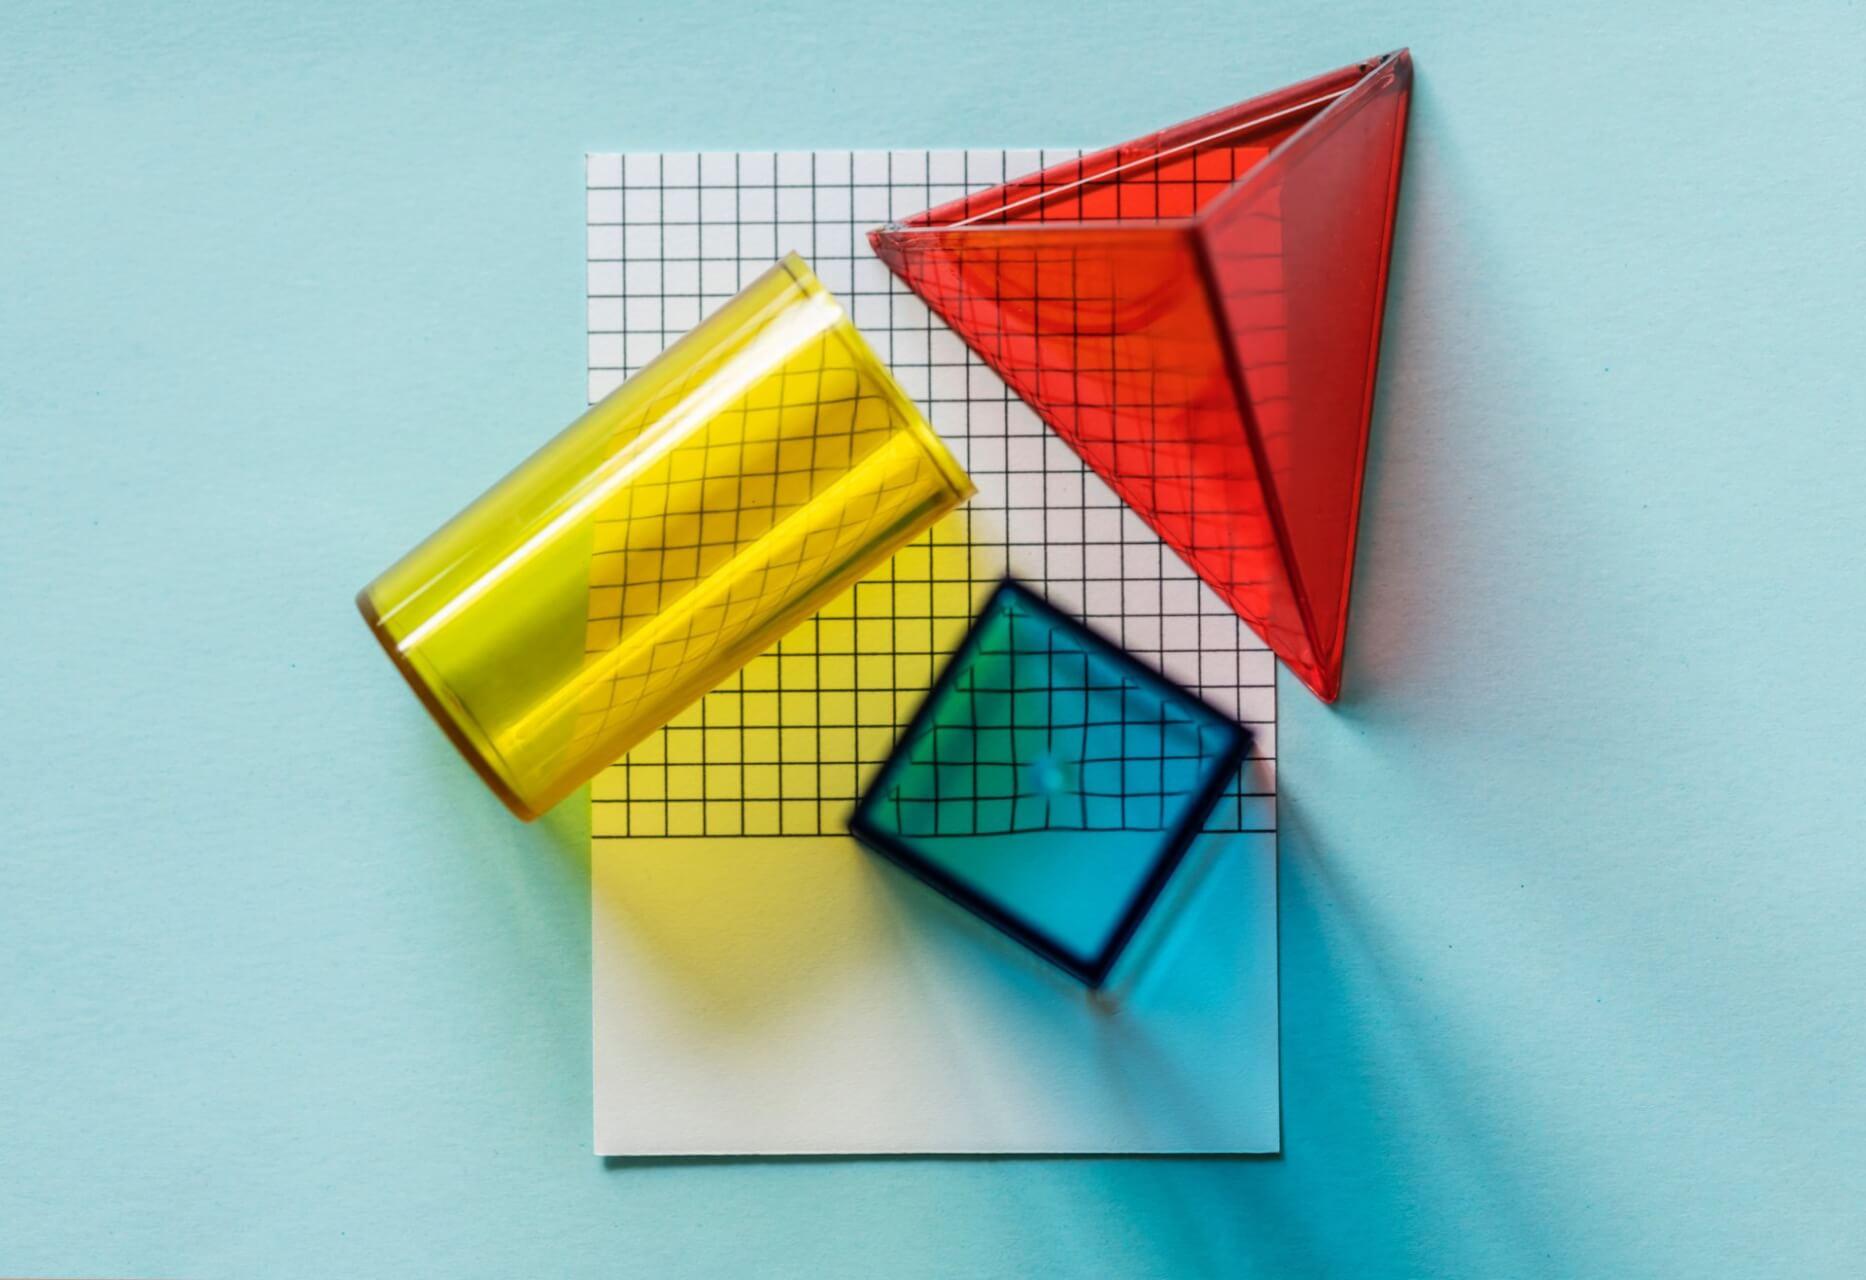 Geometrische Figuren | Quelle: RawPixel